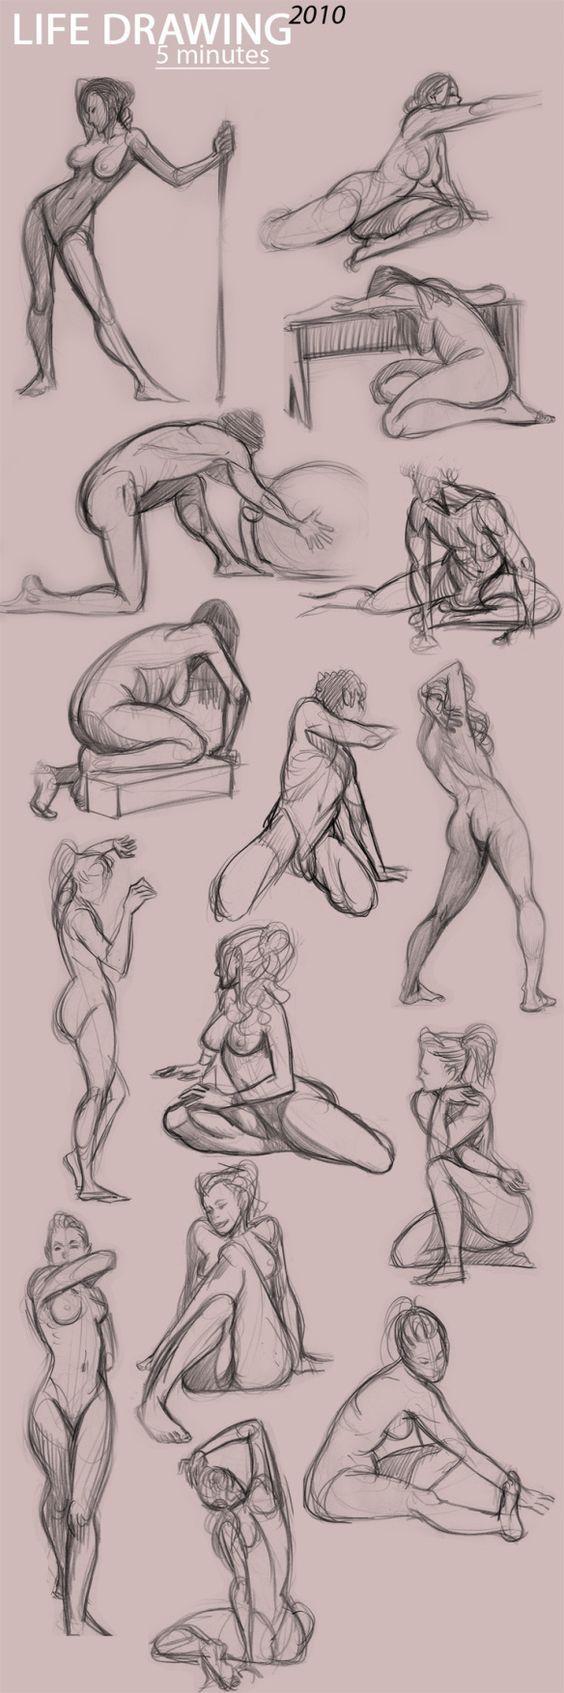 how to draw aprenda  a desenhar corpos em movimento: